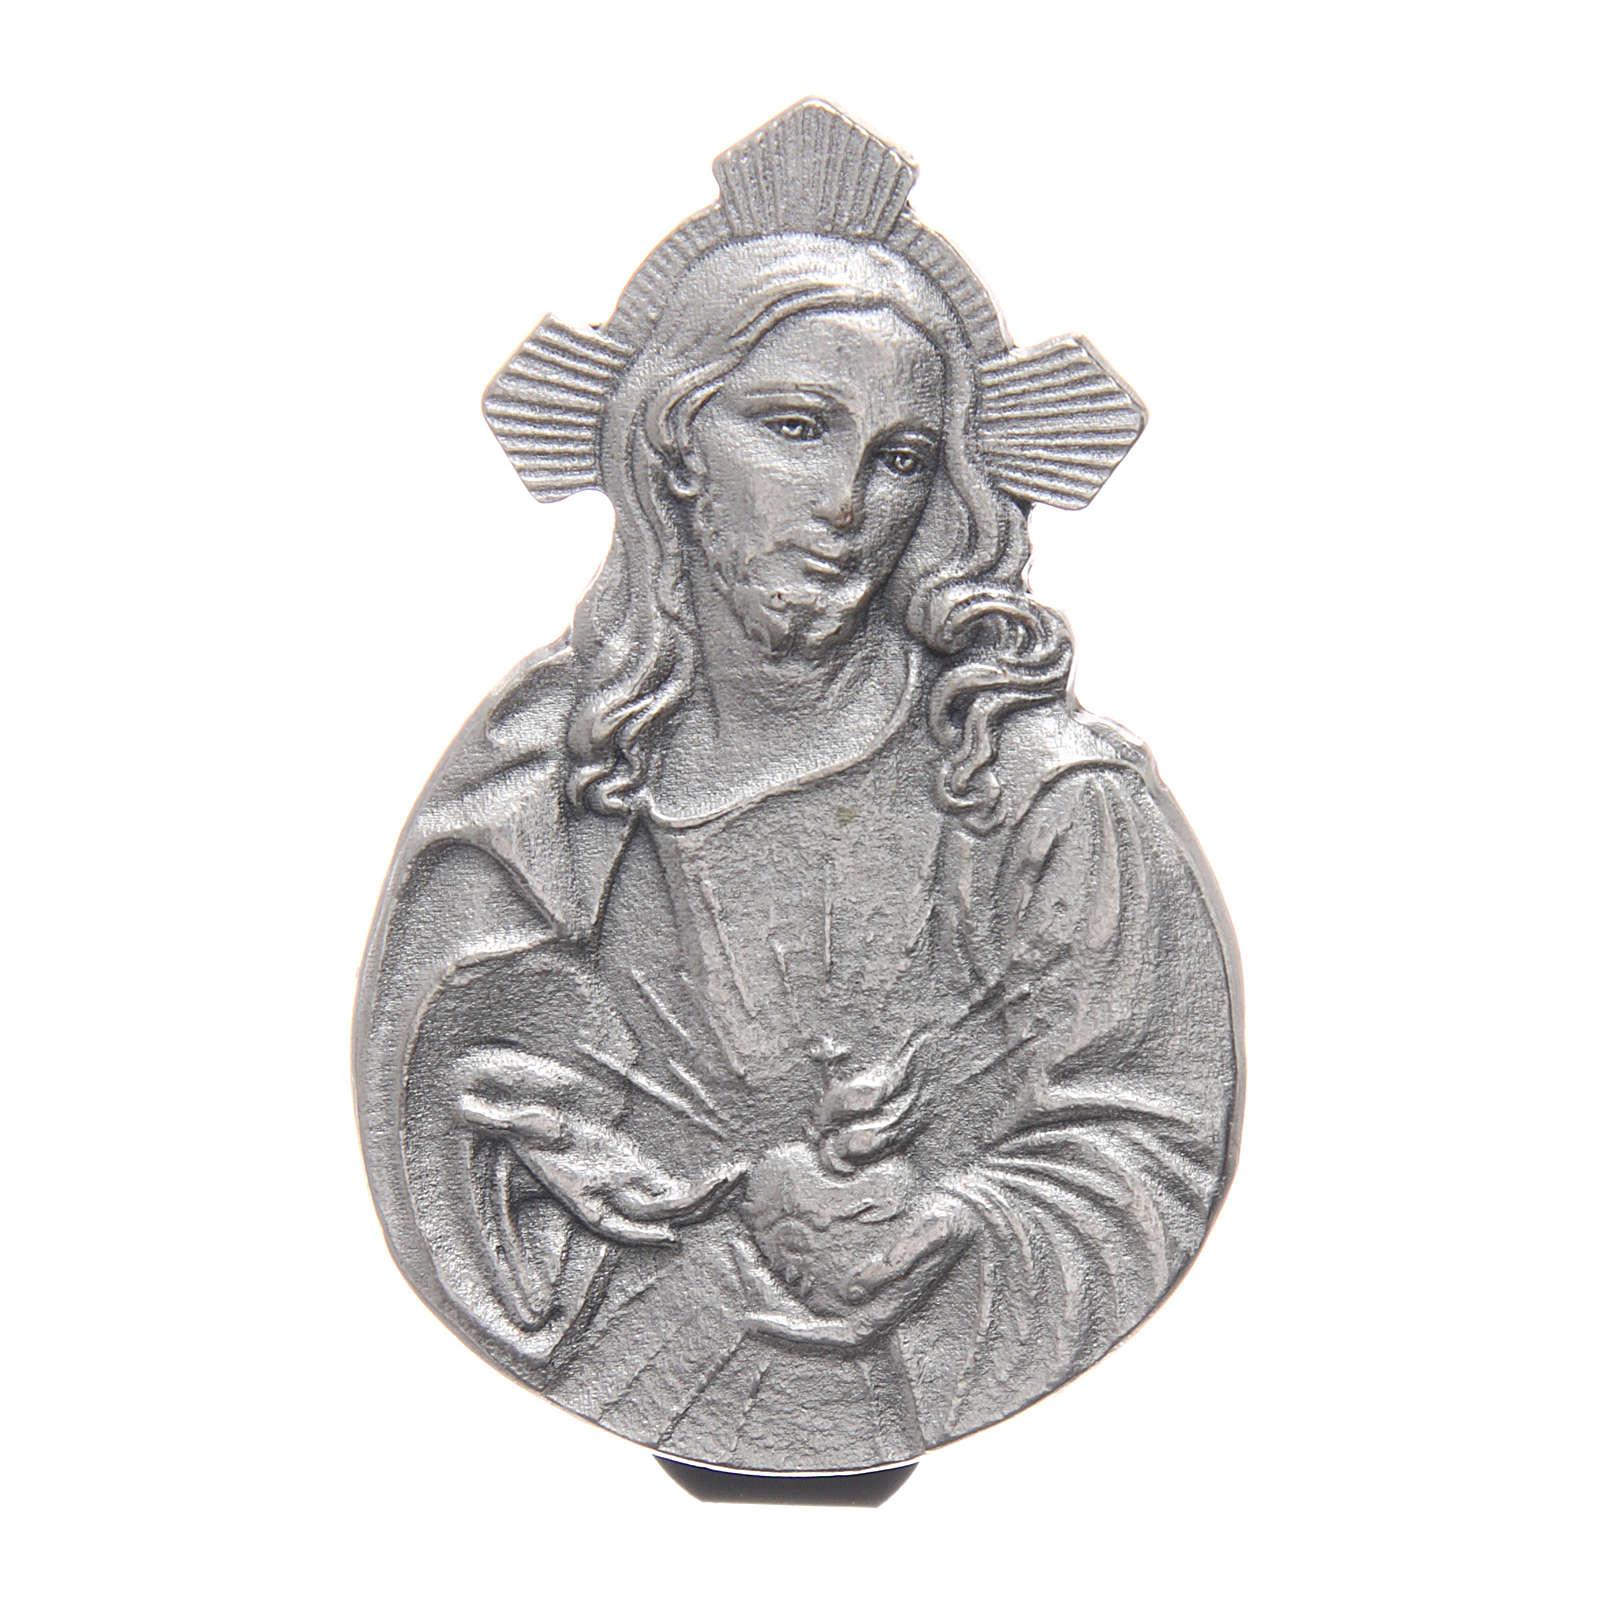 Gadżet do auta Klip Najświętsze Serce Jezusa metal posrebrzany relief 5x3 cm 4